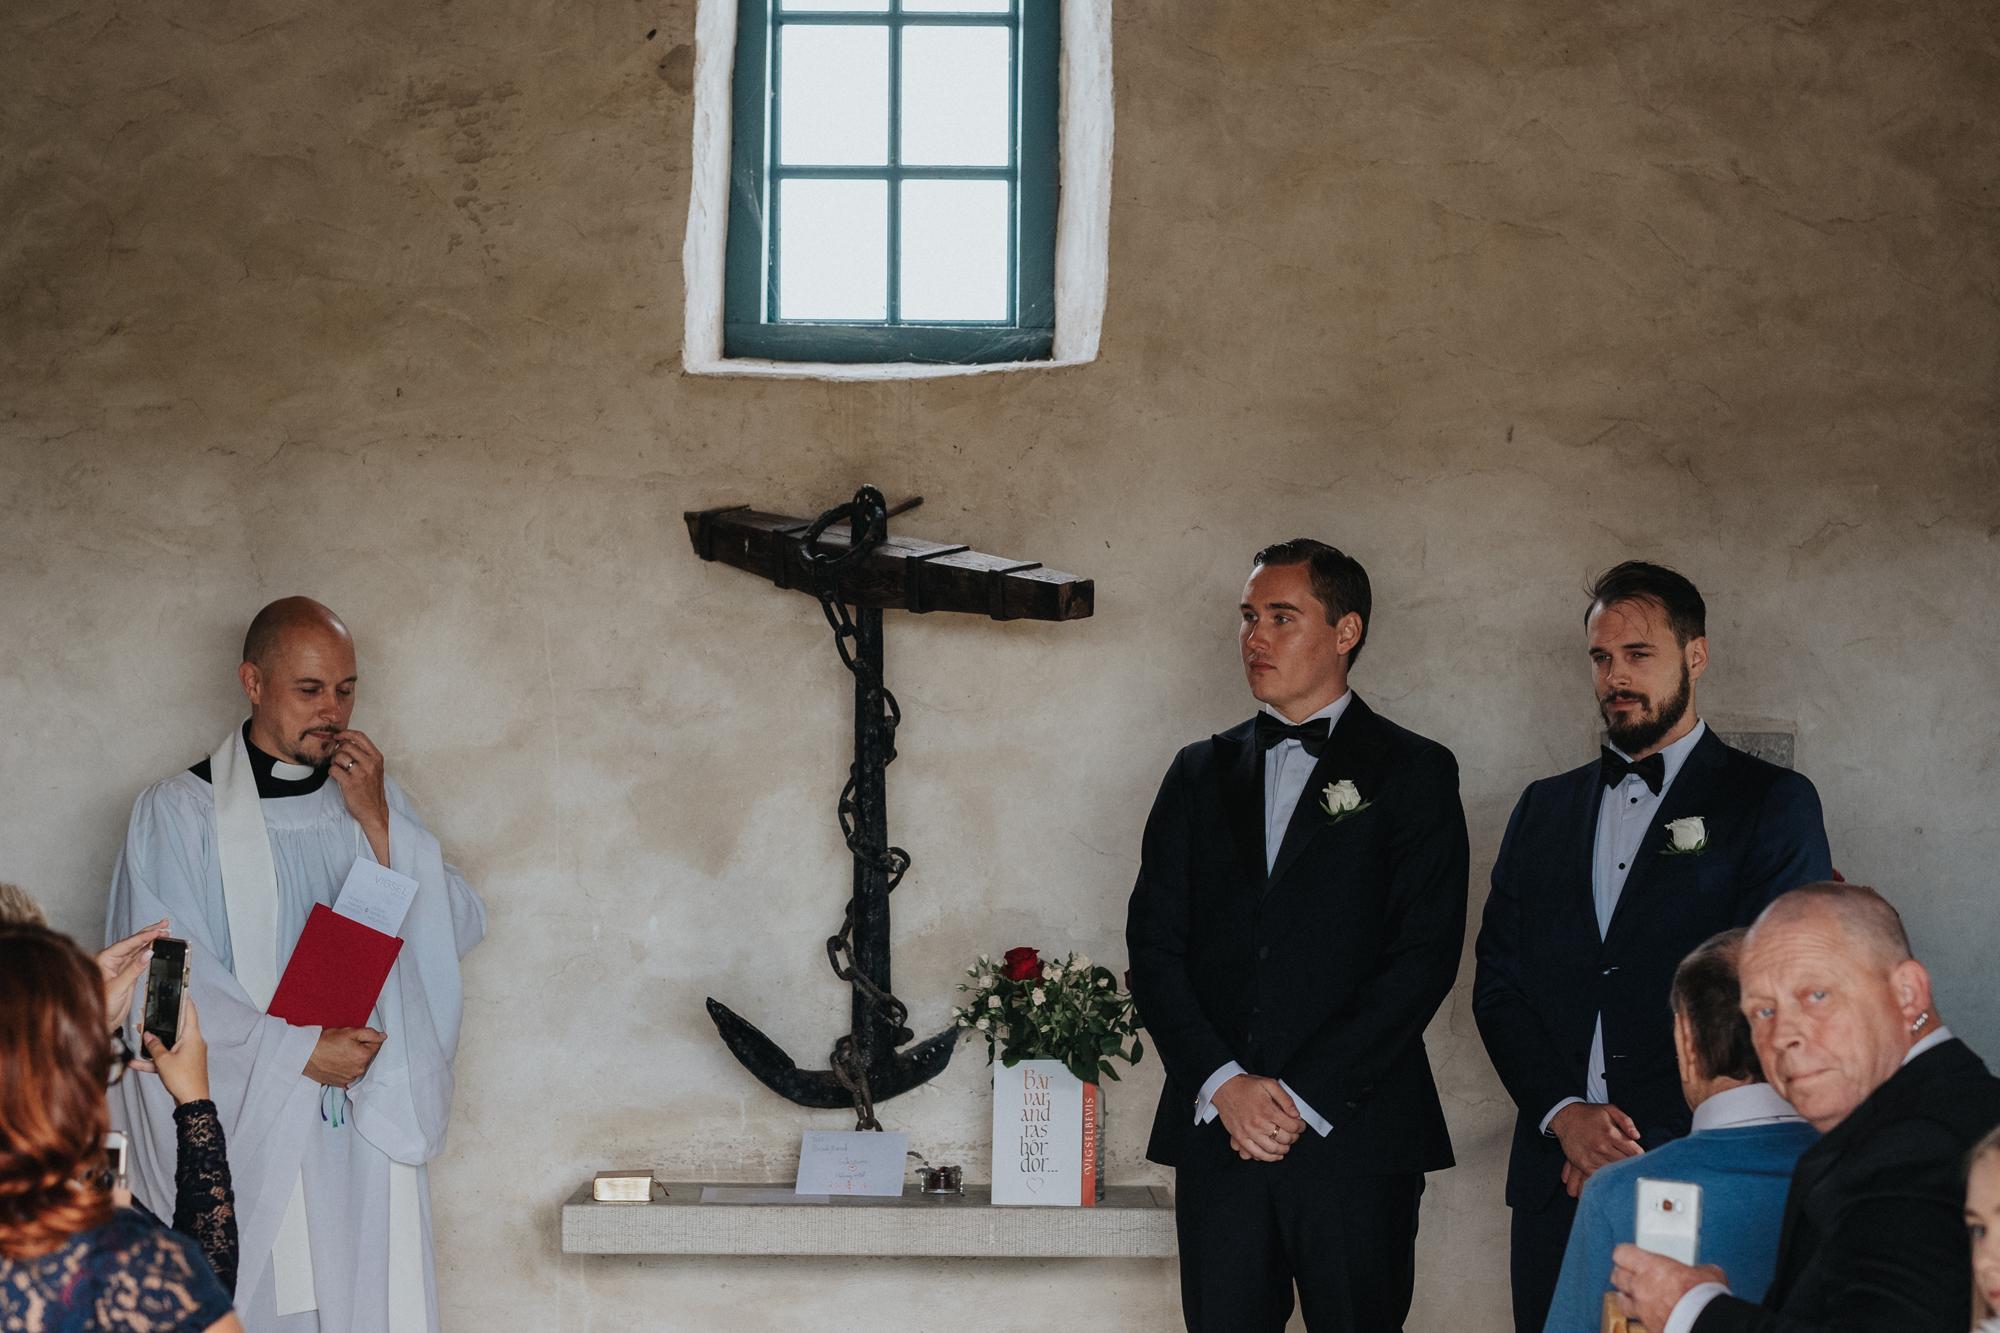 006-bröllop-kovik-gotland-neas-fotografi.jpg